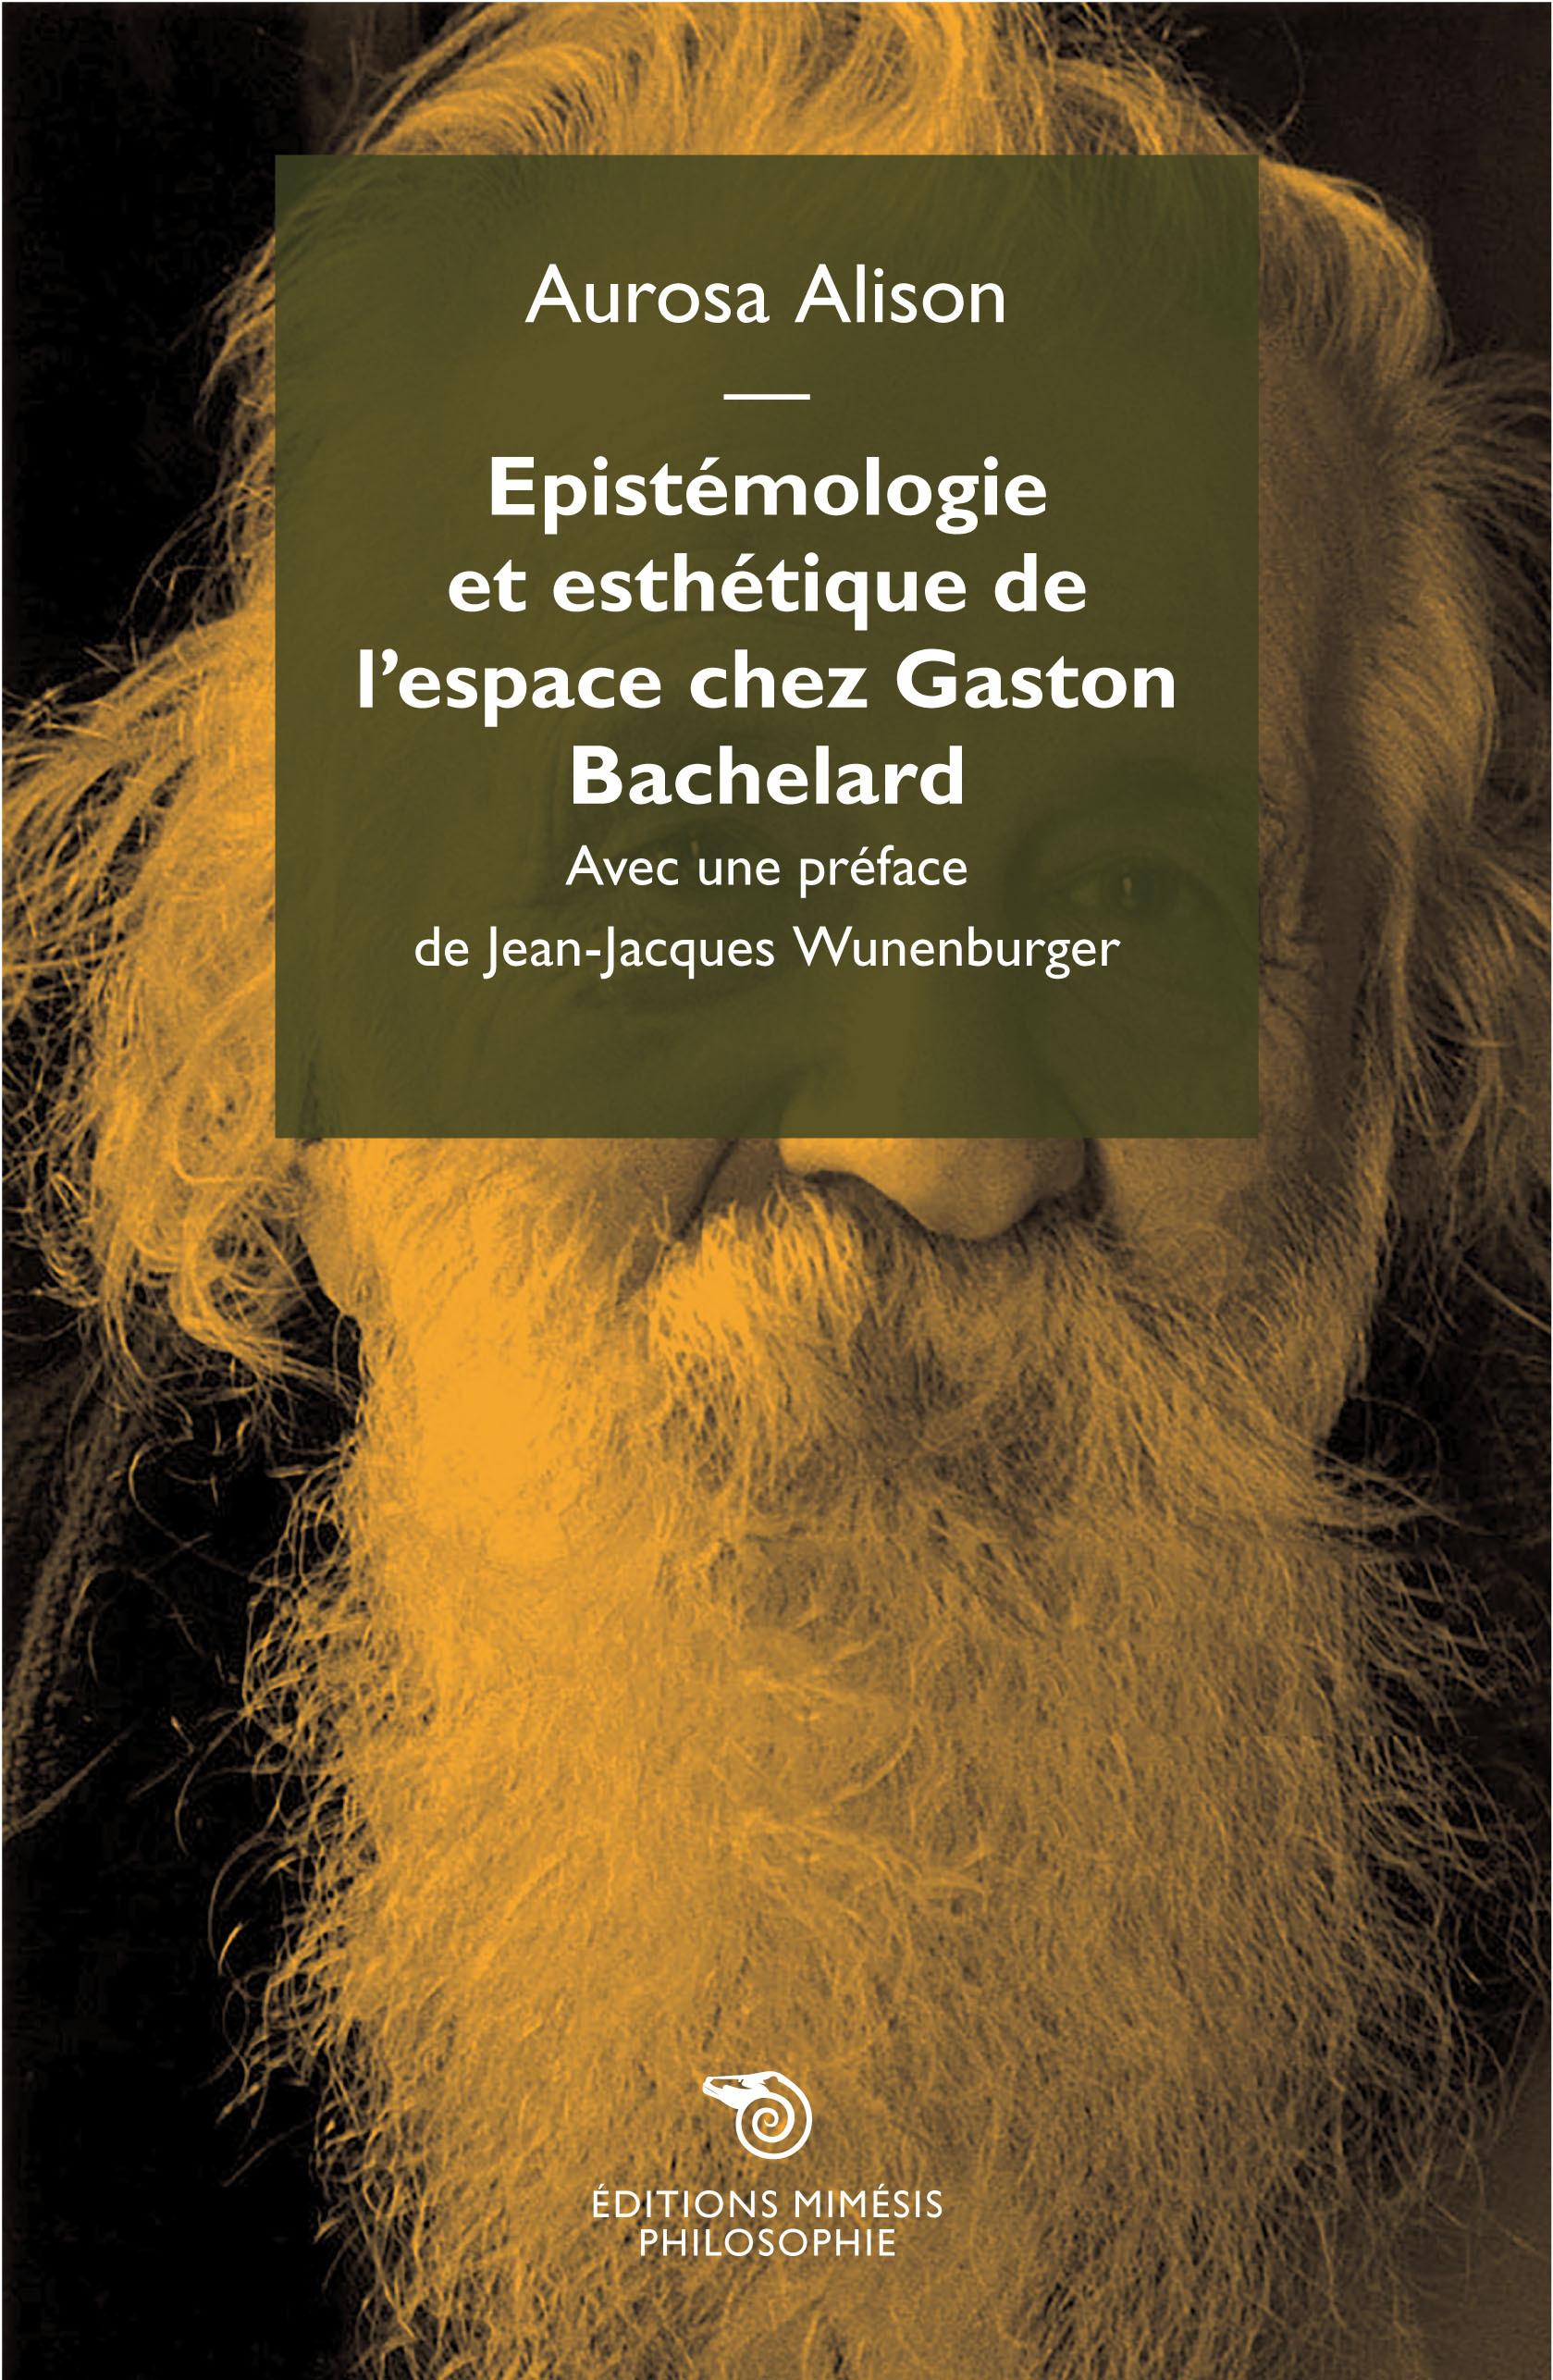 EPISTEMOLOGIE ET ESTHETIQUE DE L'ESPACE CHEZ GASTON BACHELARD